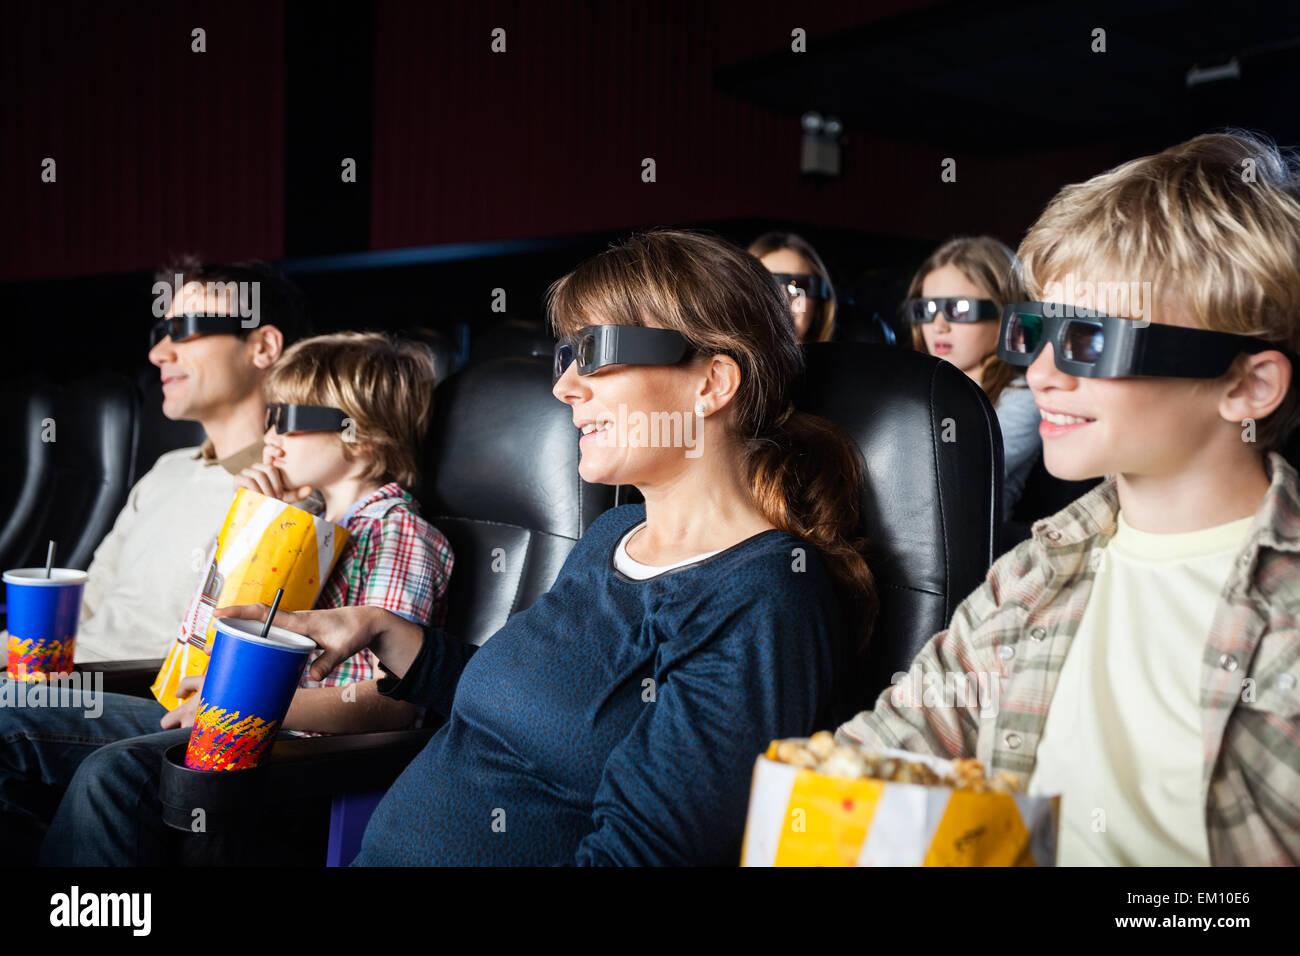 Las familias sonrientes viendo películas en 3D en el teatro Imagen De Stock